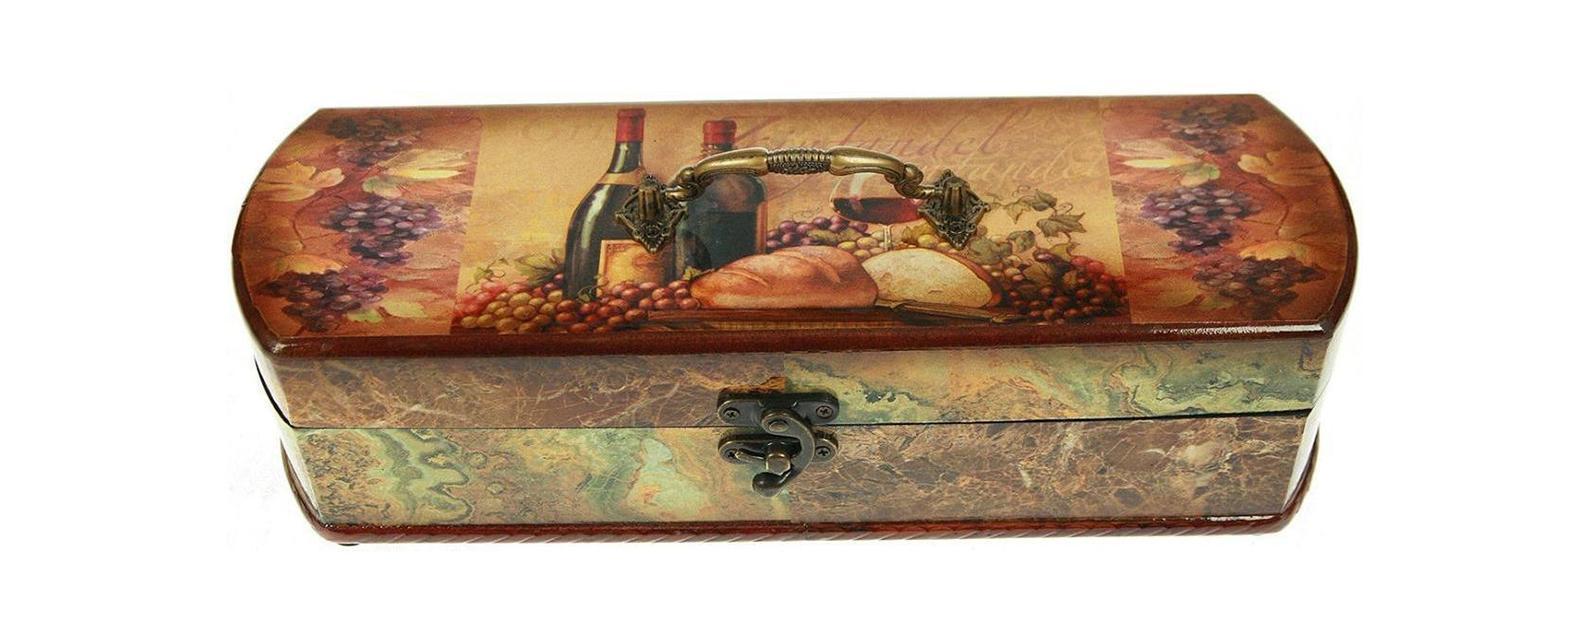 Шкатулка Сундучок под бутылку 36*12*10см 3476328907 4Шкатулка Русские подарки Сундучок 34763 предназначена для хранения бутылок с вином. Она не оставит равнодушным ни одного любителя оригинальных вещей. Данная модель надежно закрывается на металлический замок. Сочетание оригинального дизайна и функциональности делает такую вещь практичным, стильным подарком и предметом гордости ее обладателя. Материал: MDF, бумага, эл. металла; цвет: бежевый